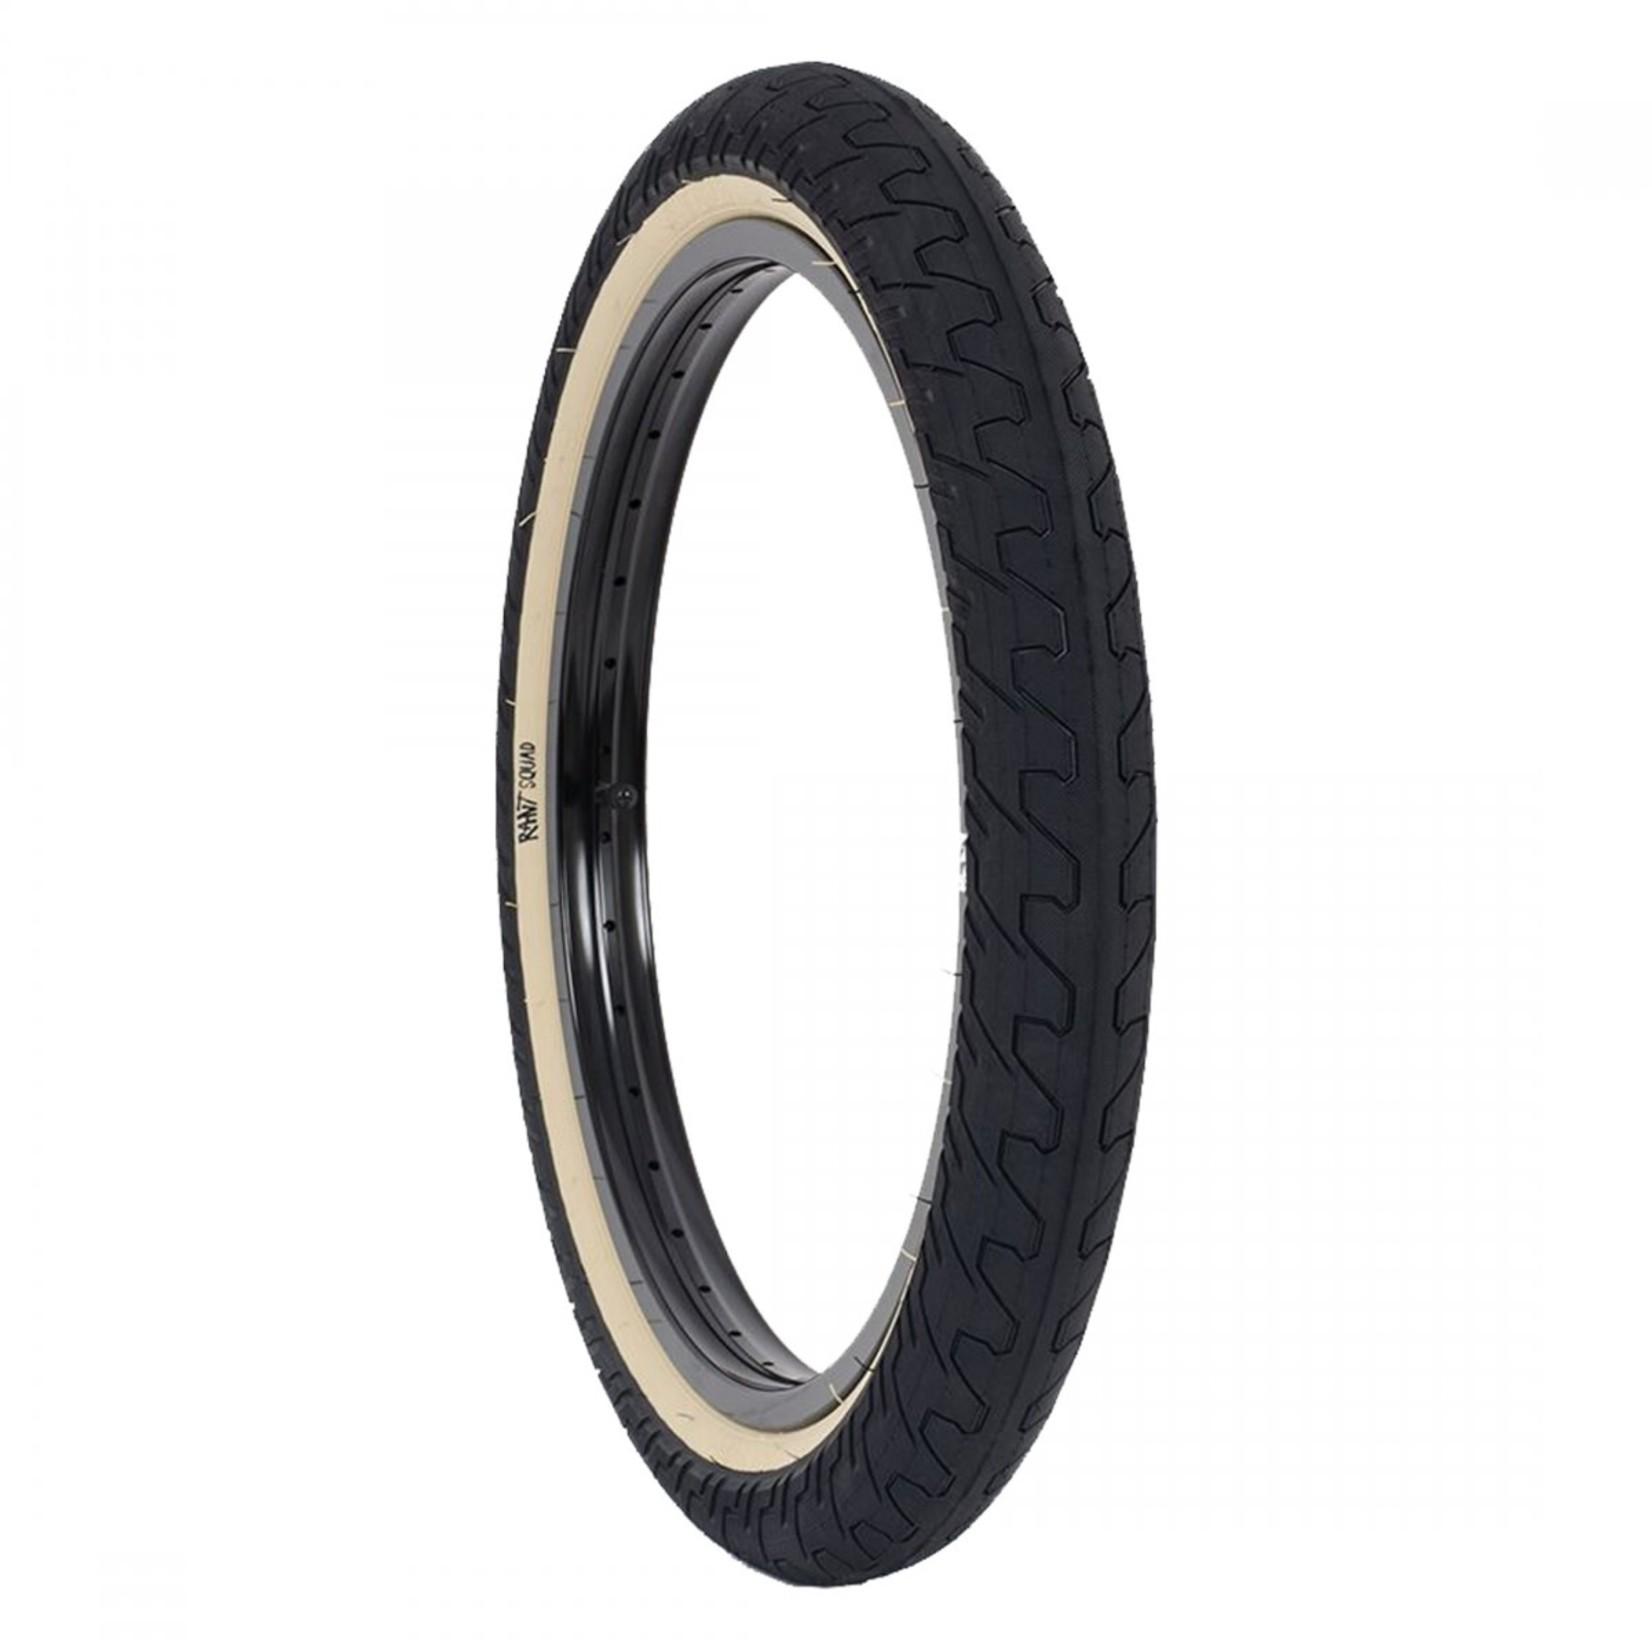 Squad Tire 20x2.3 WIRE Black / Tan